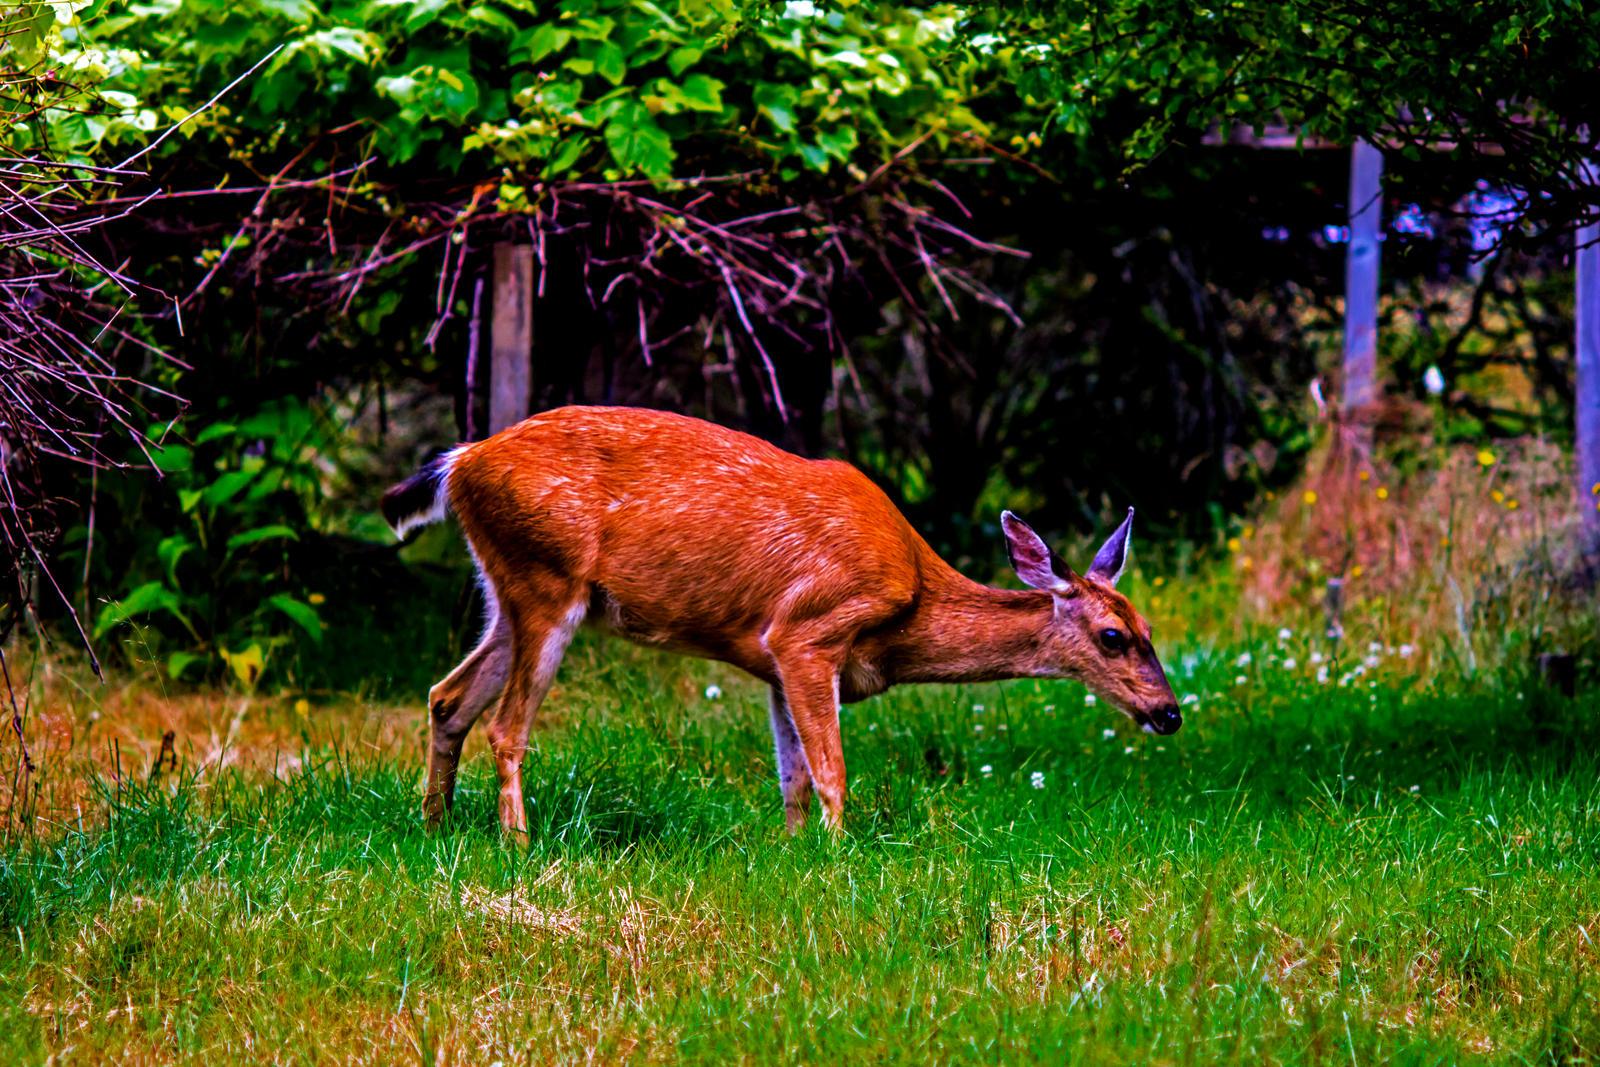 Deer 3 by Mackingster